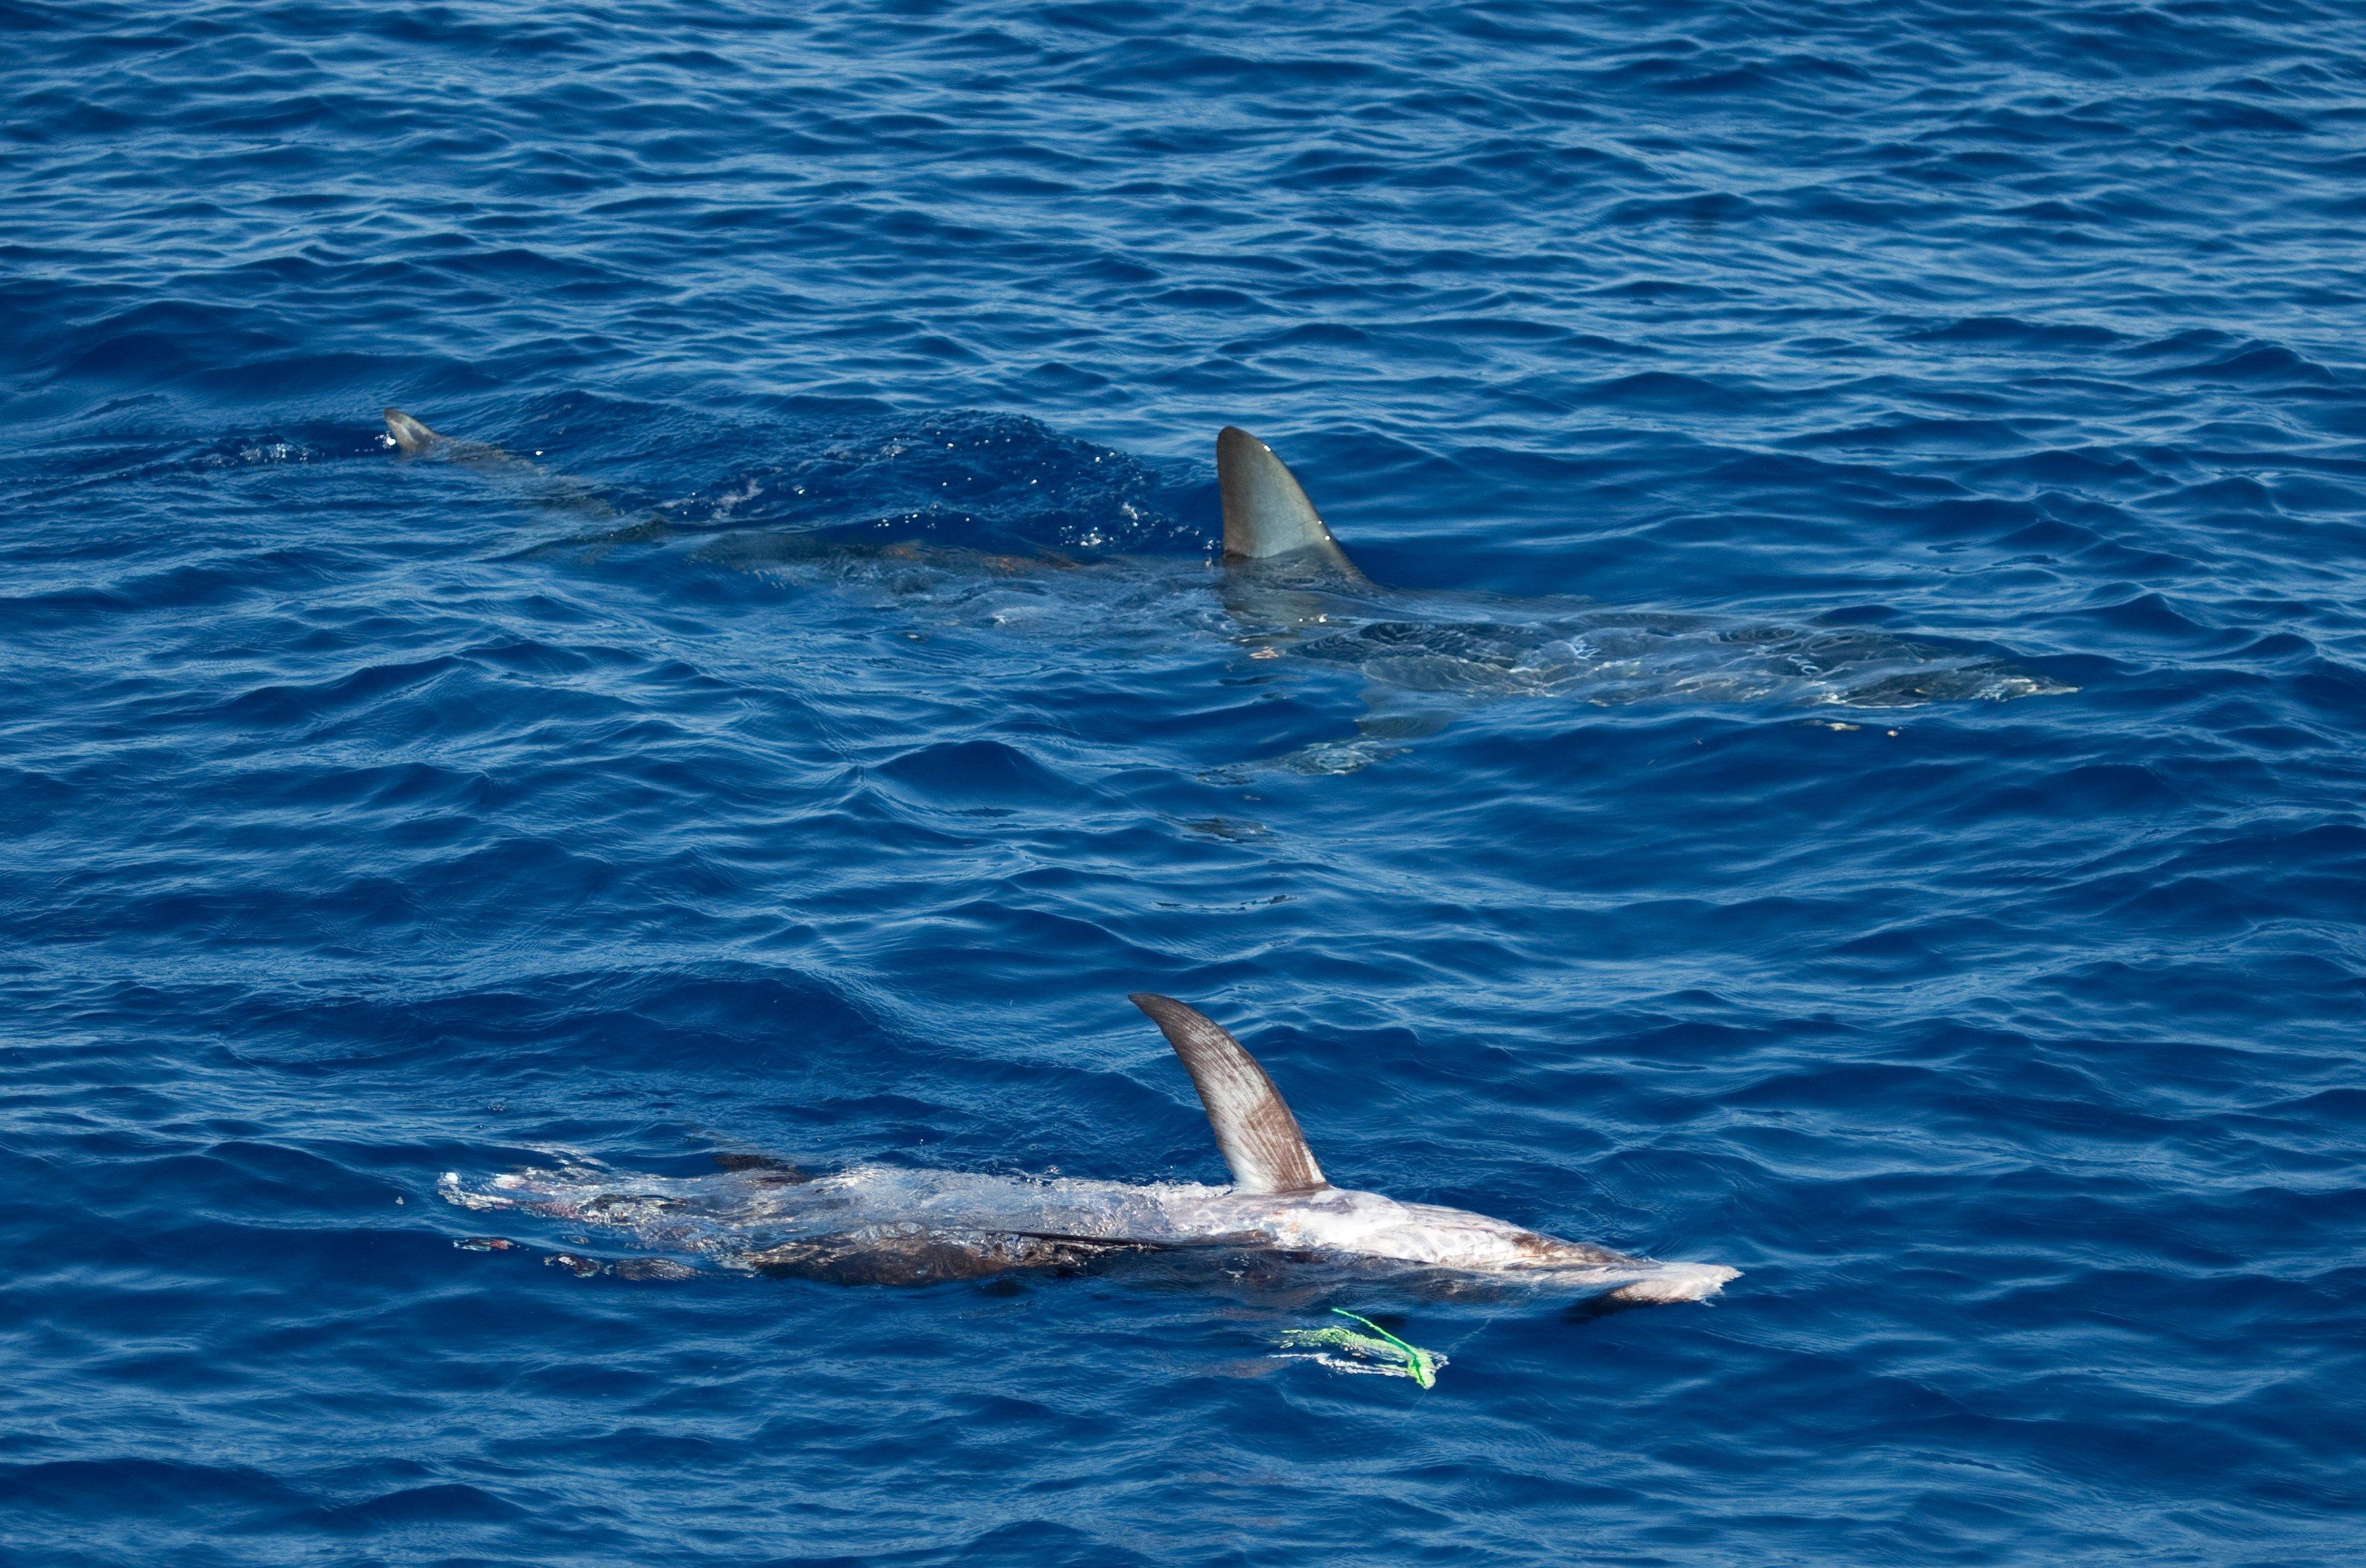 Ce a gasit un om de stiinta in cel mai mare exemplar de rechin mako descoperit vreodata. FOTO